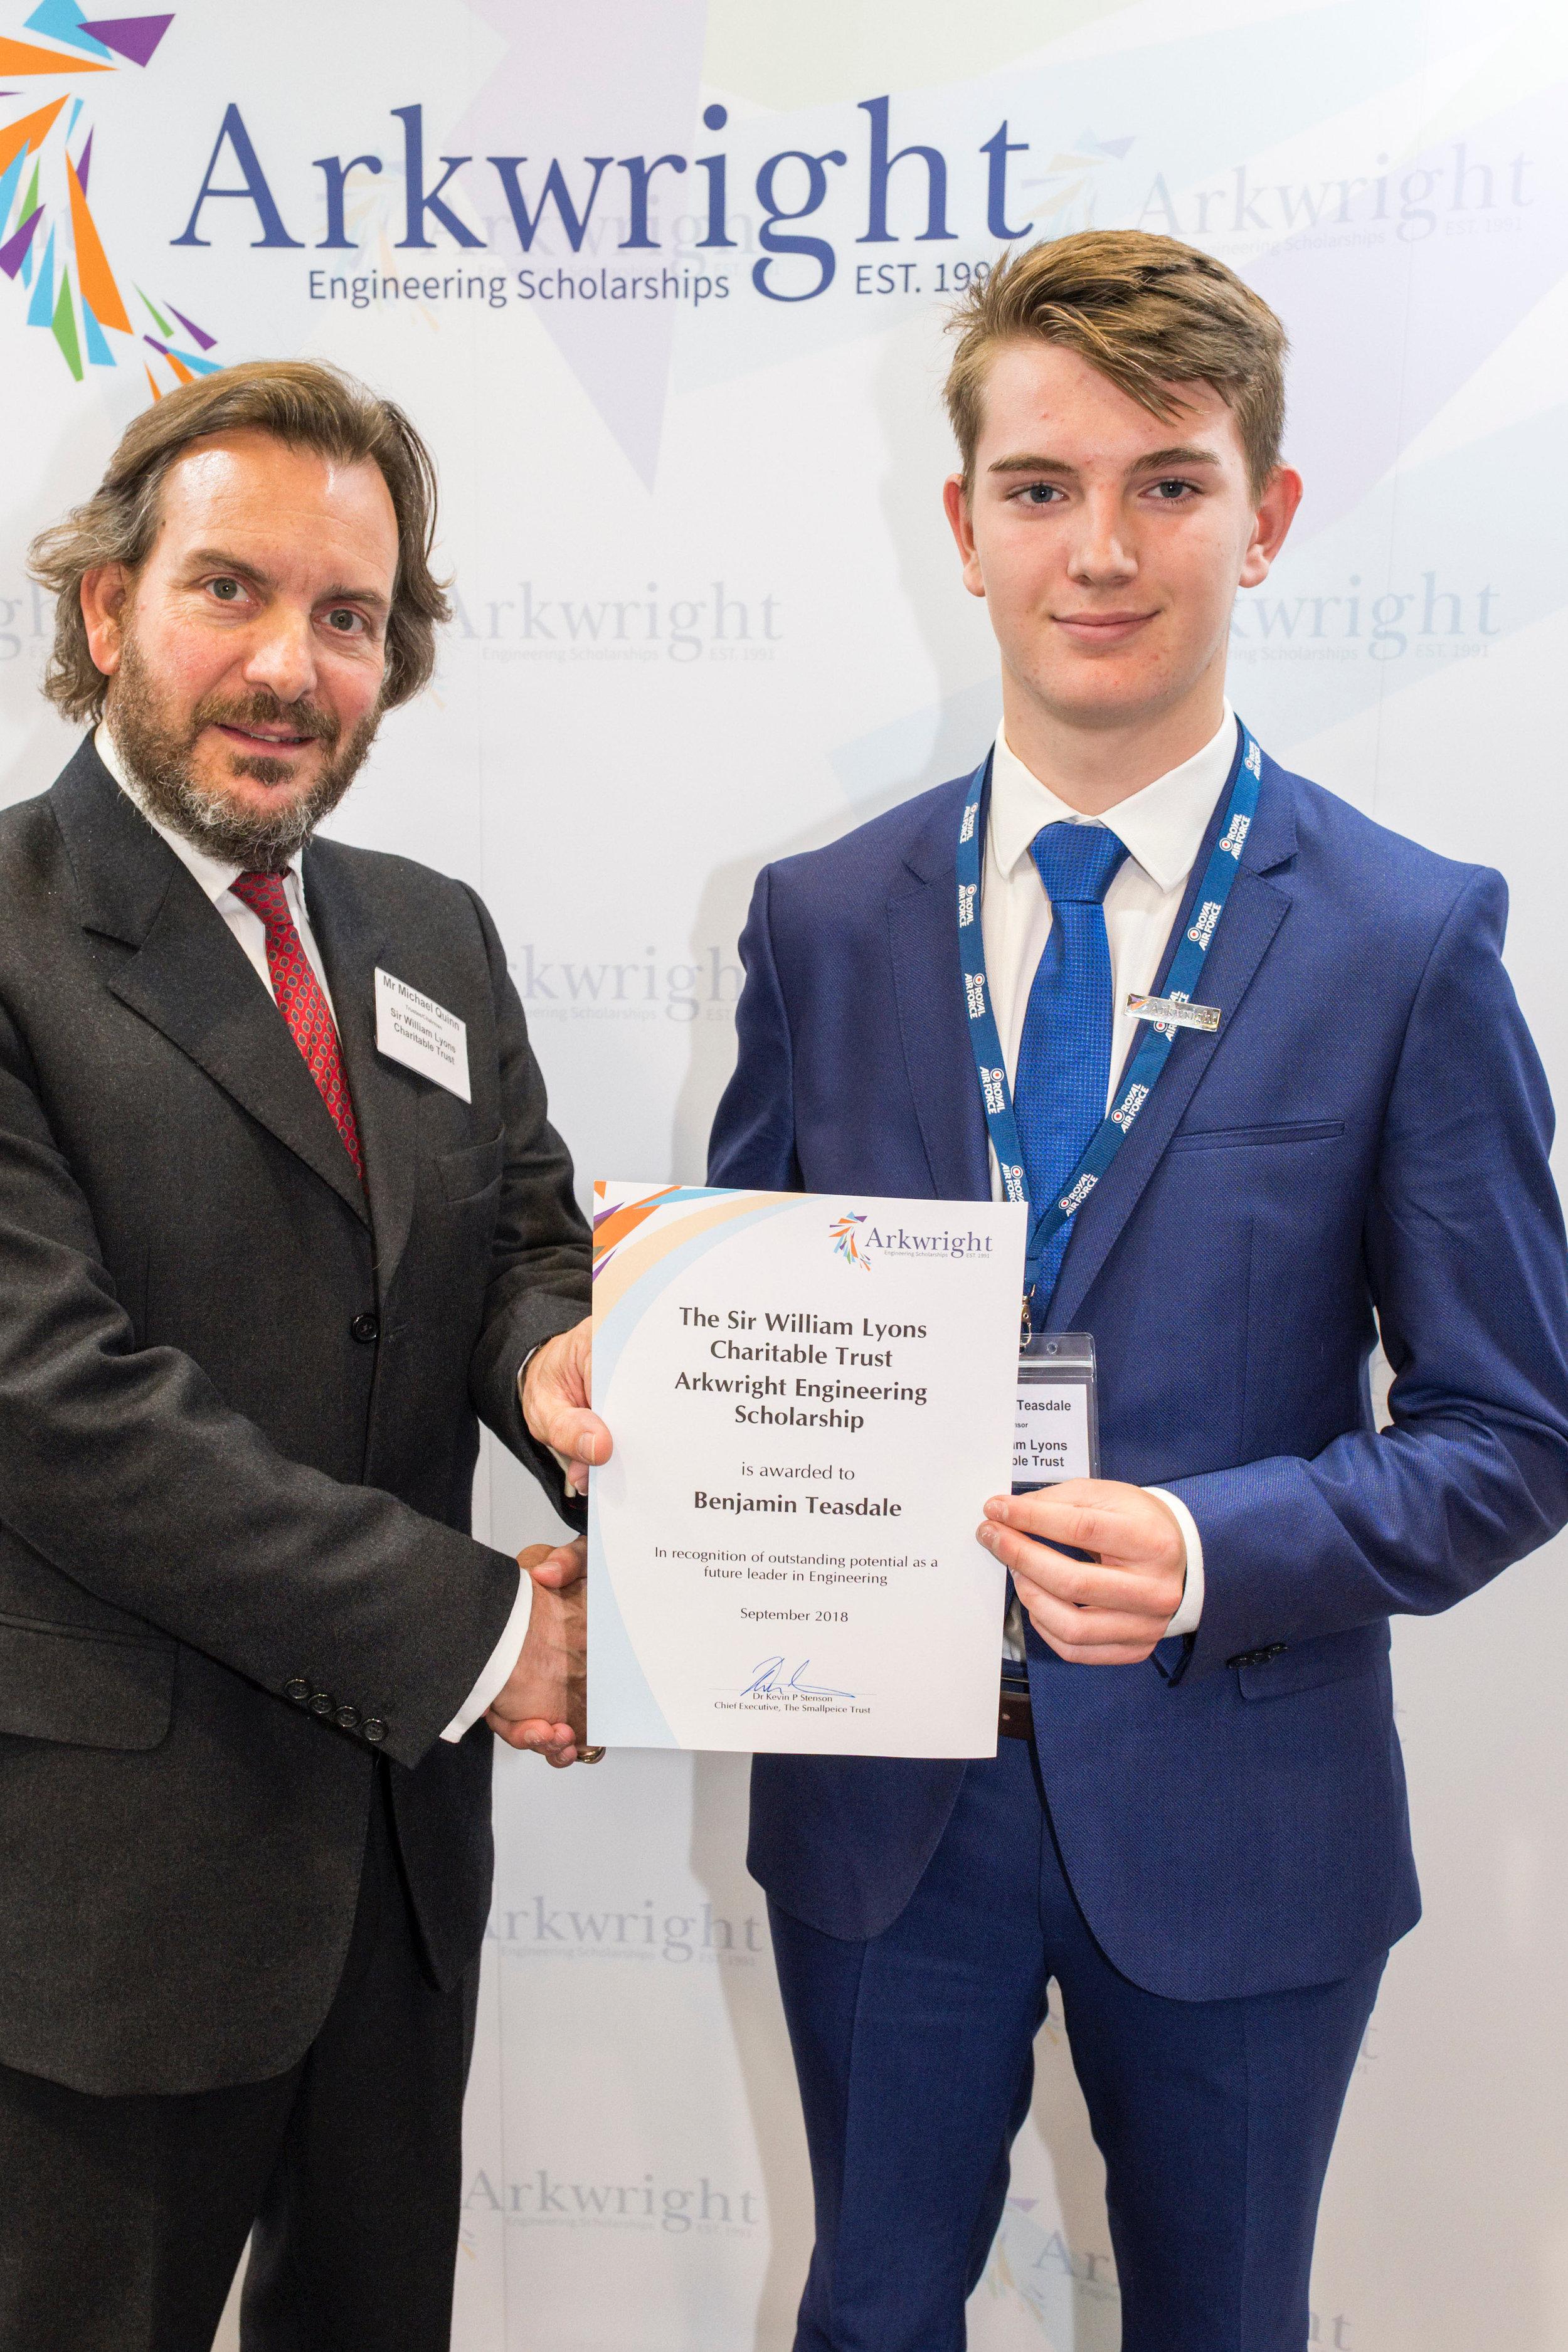 Ben Teasdale receiving his certificate